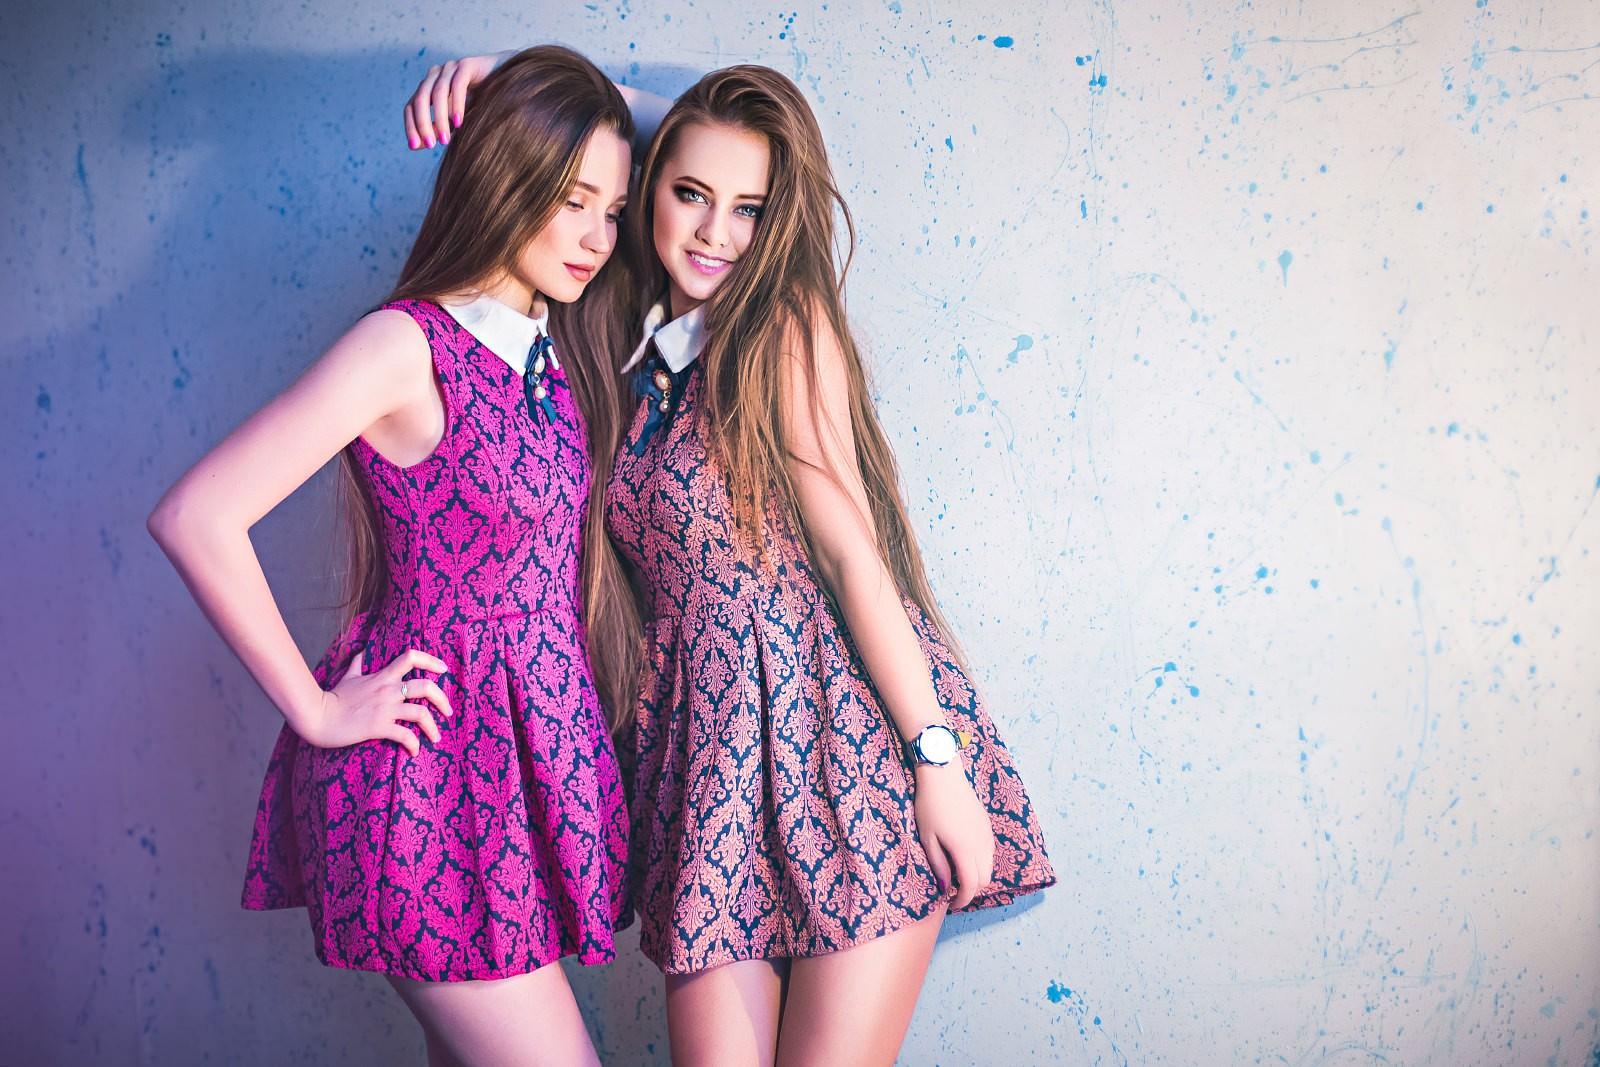 pink women long hair brunette teen  dress purple two women friends hair   model smiling wall